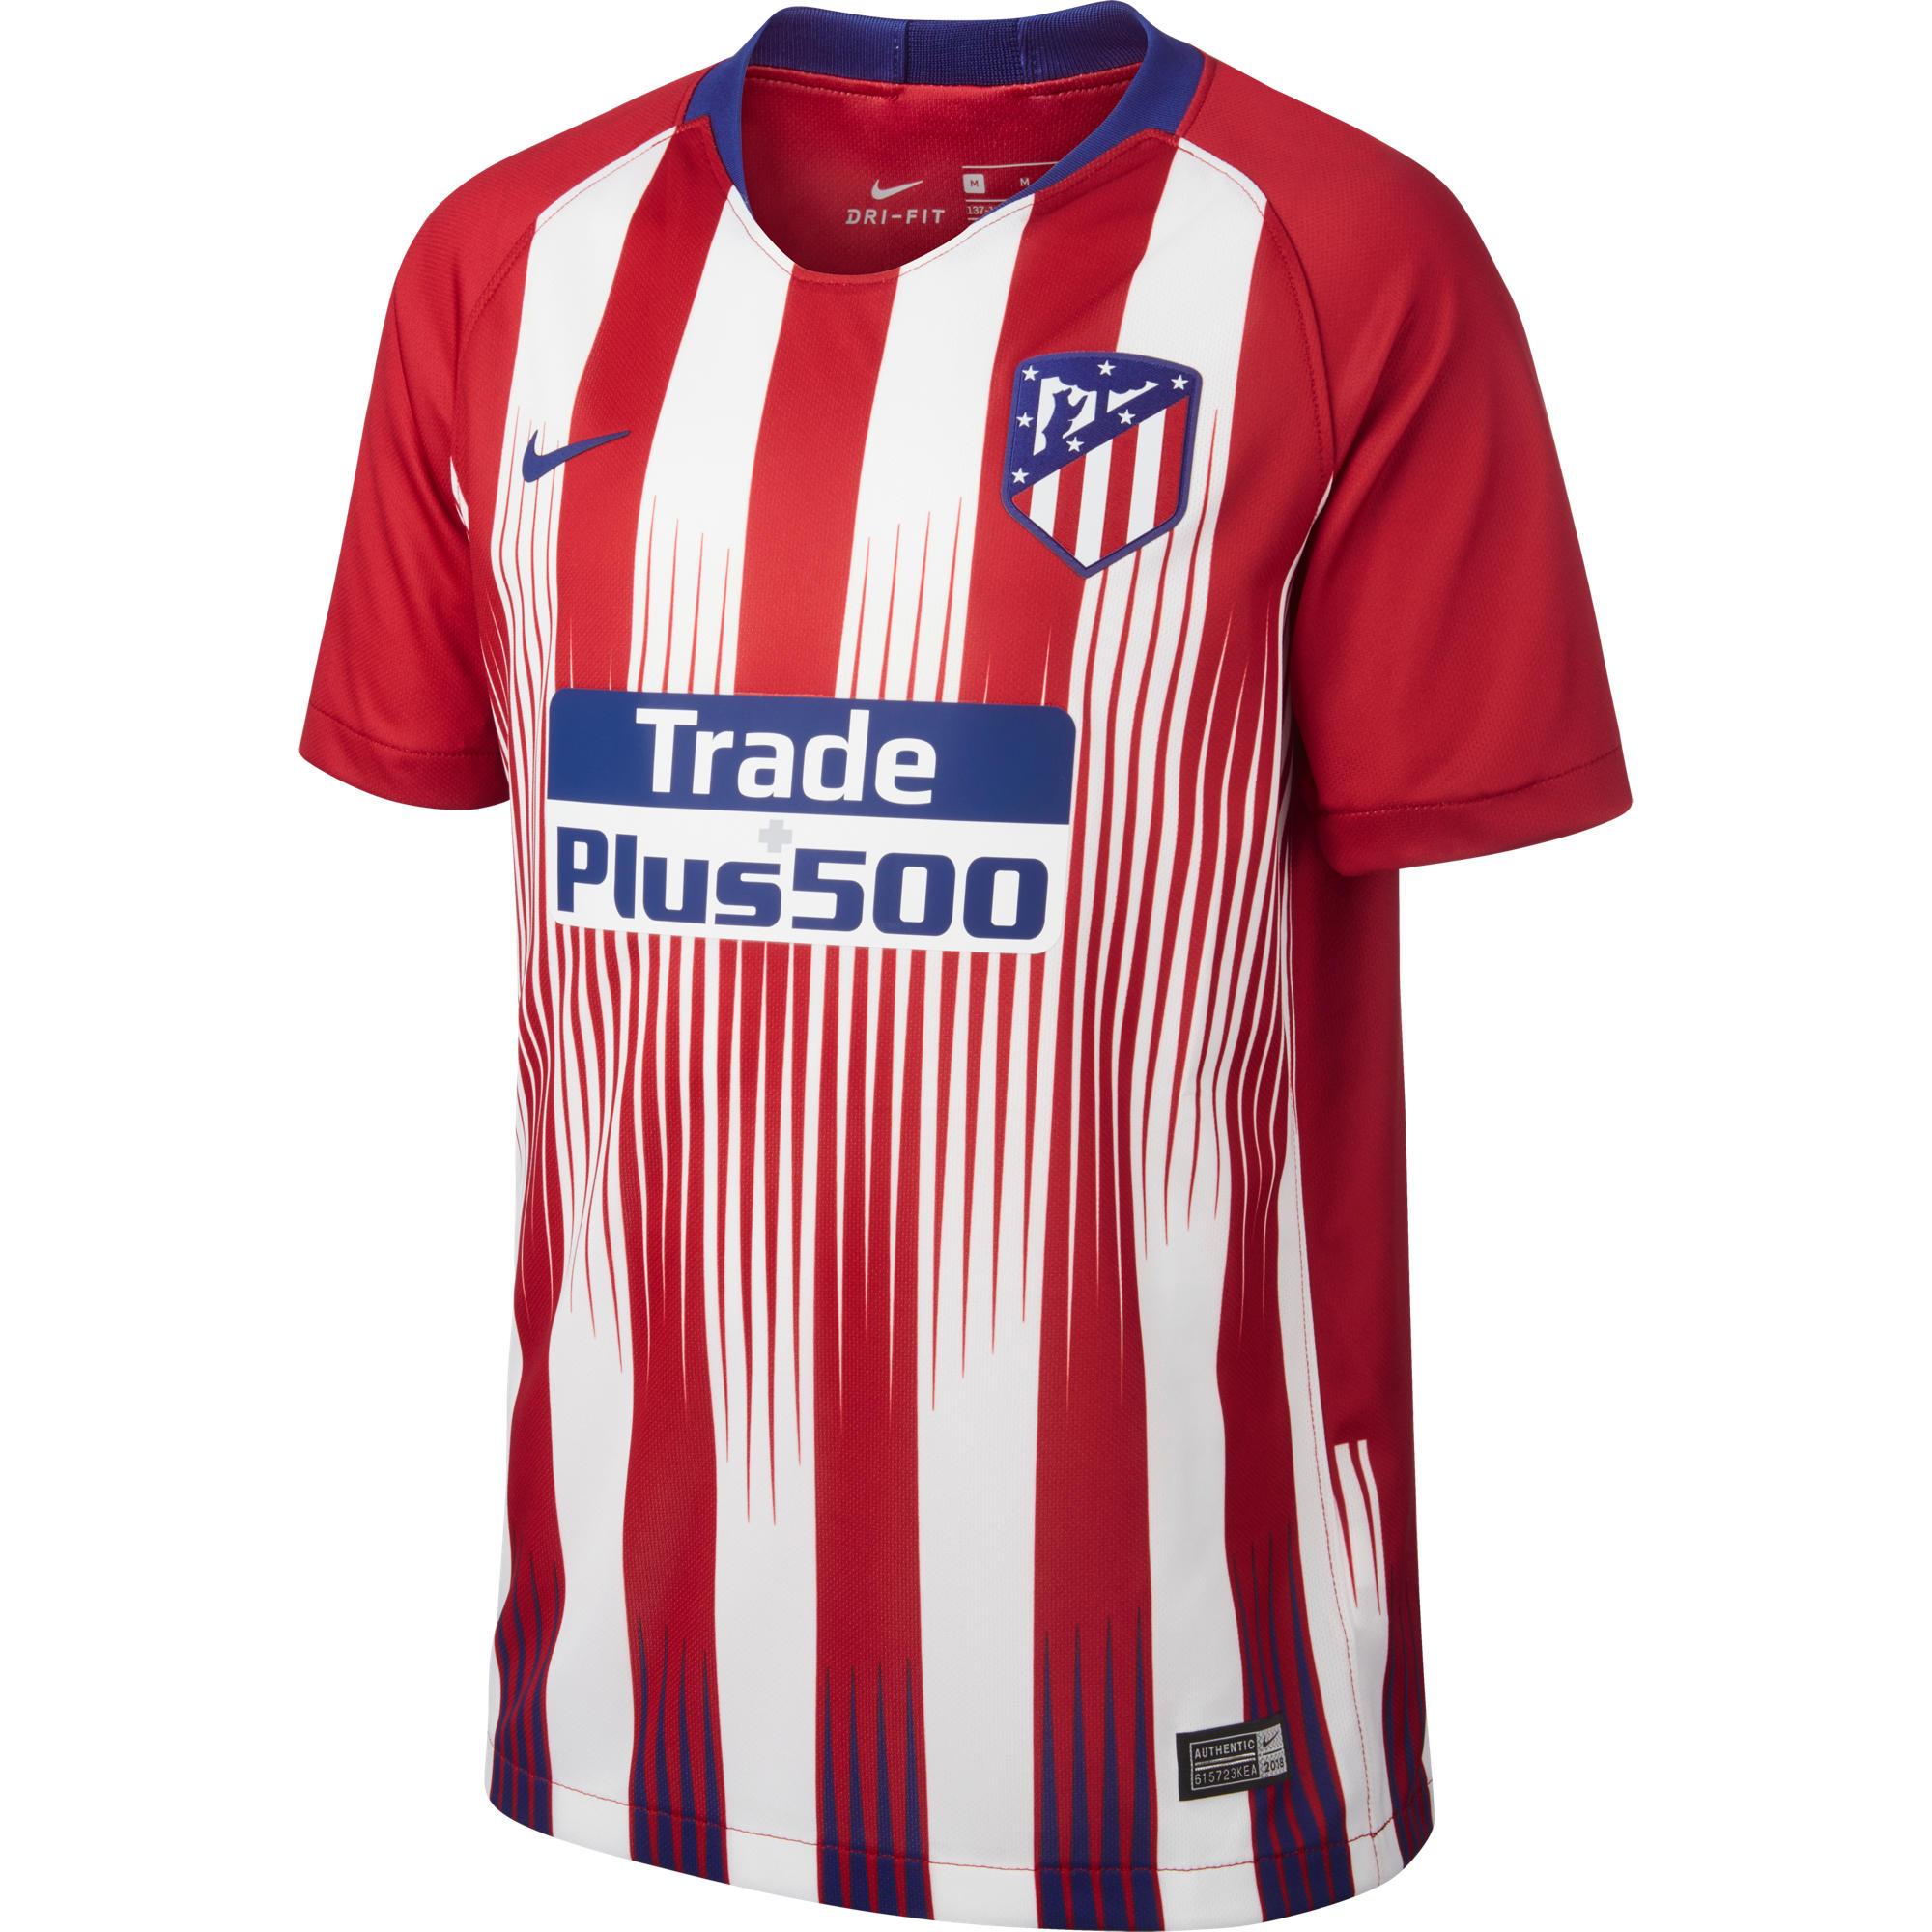 05779d6872d81 Camisetas Oficiales Selecciones y Equipos Fútbol